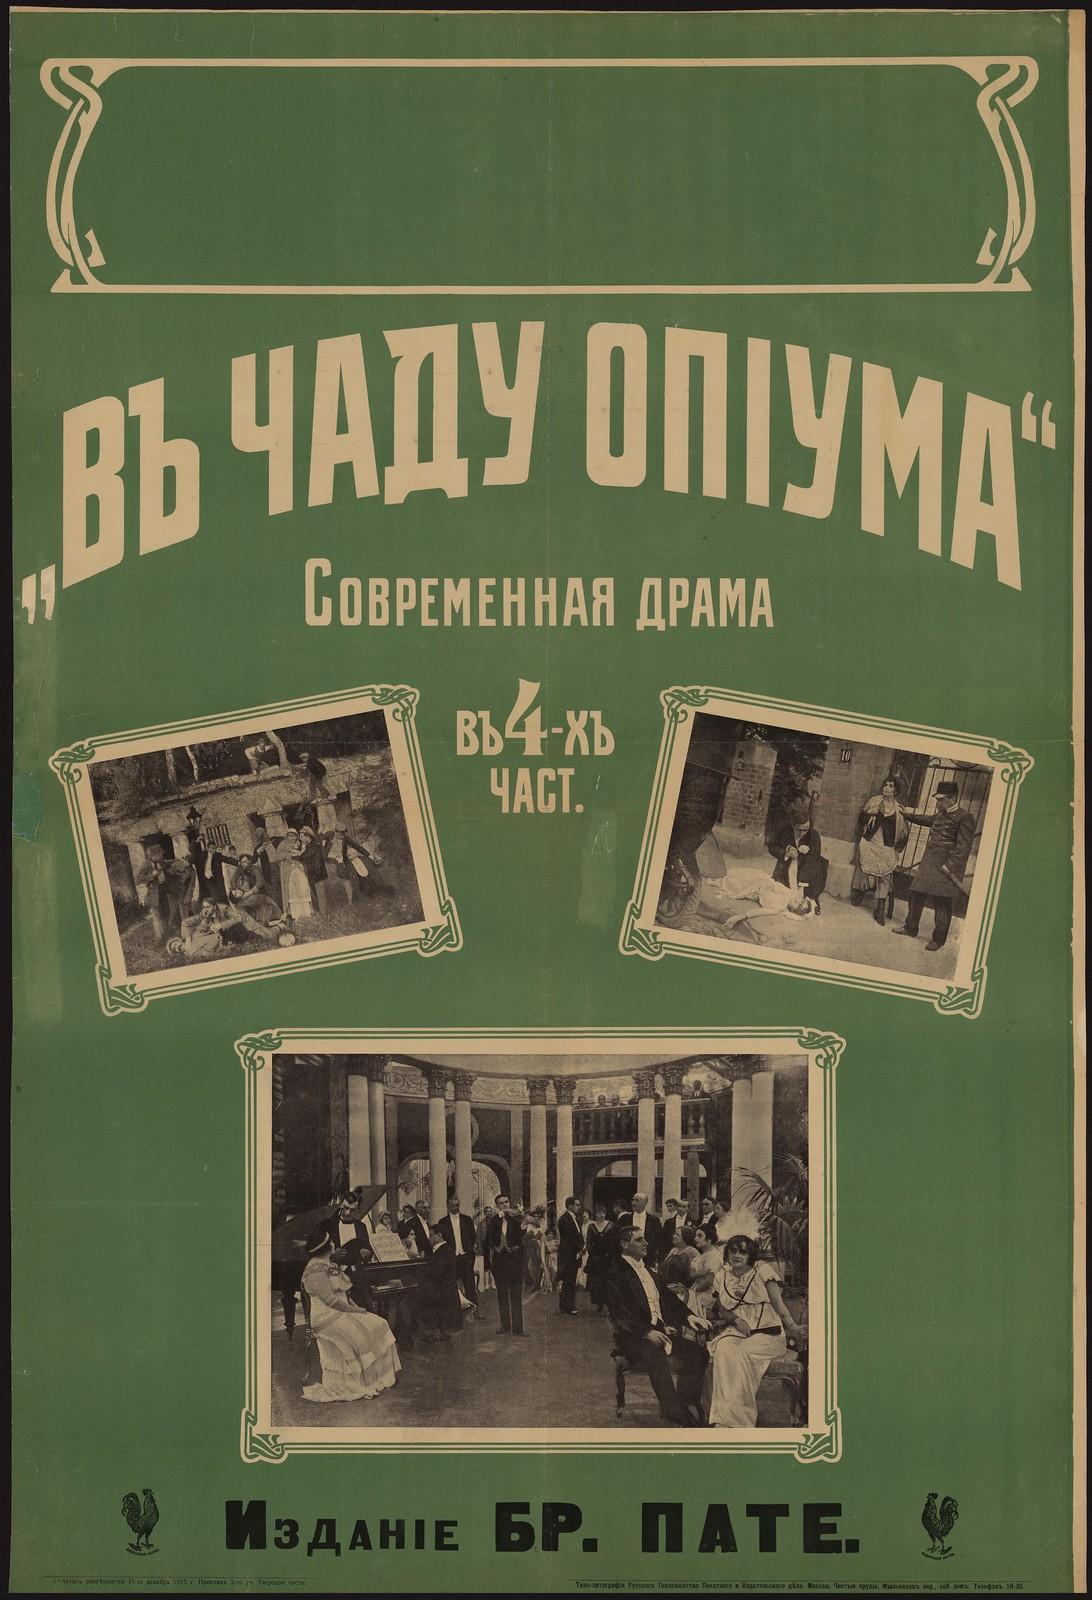 1915. «В чаду опиума».